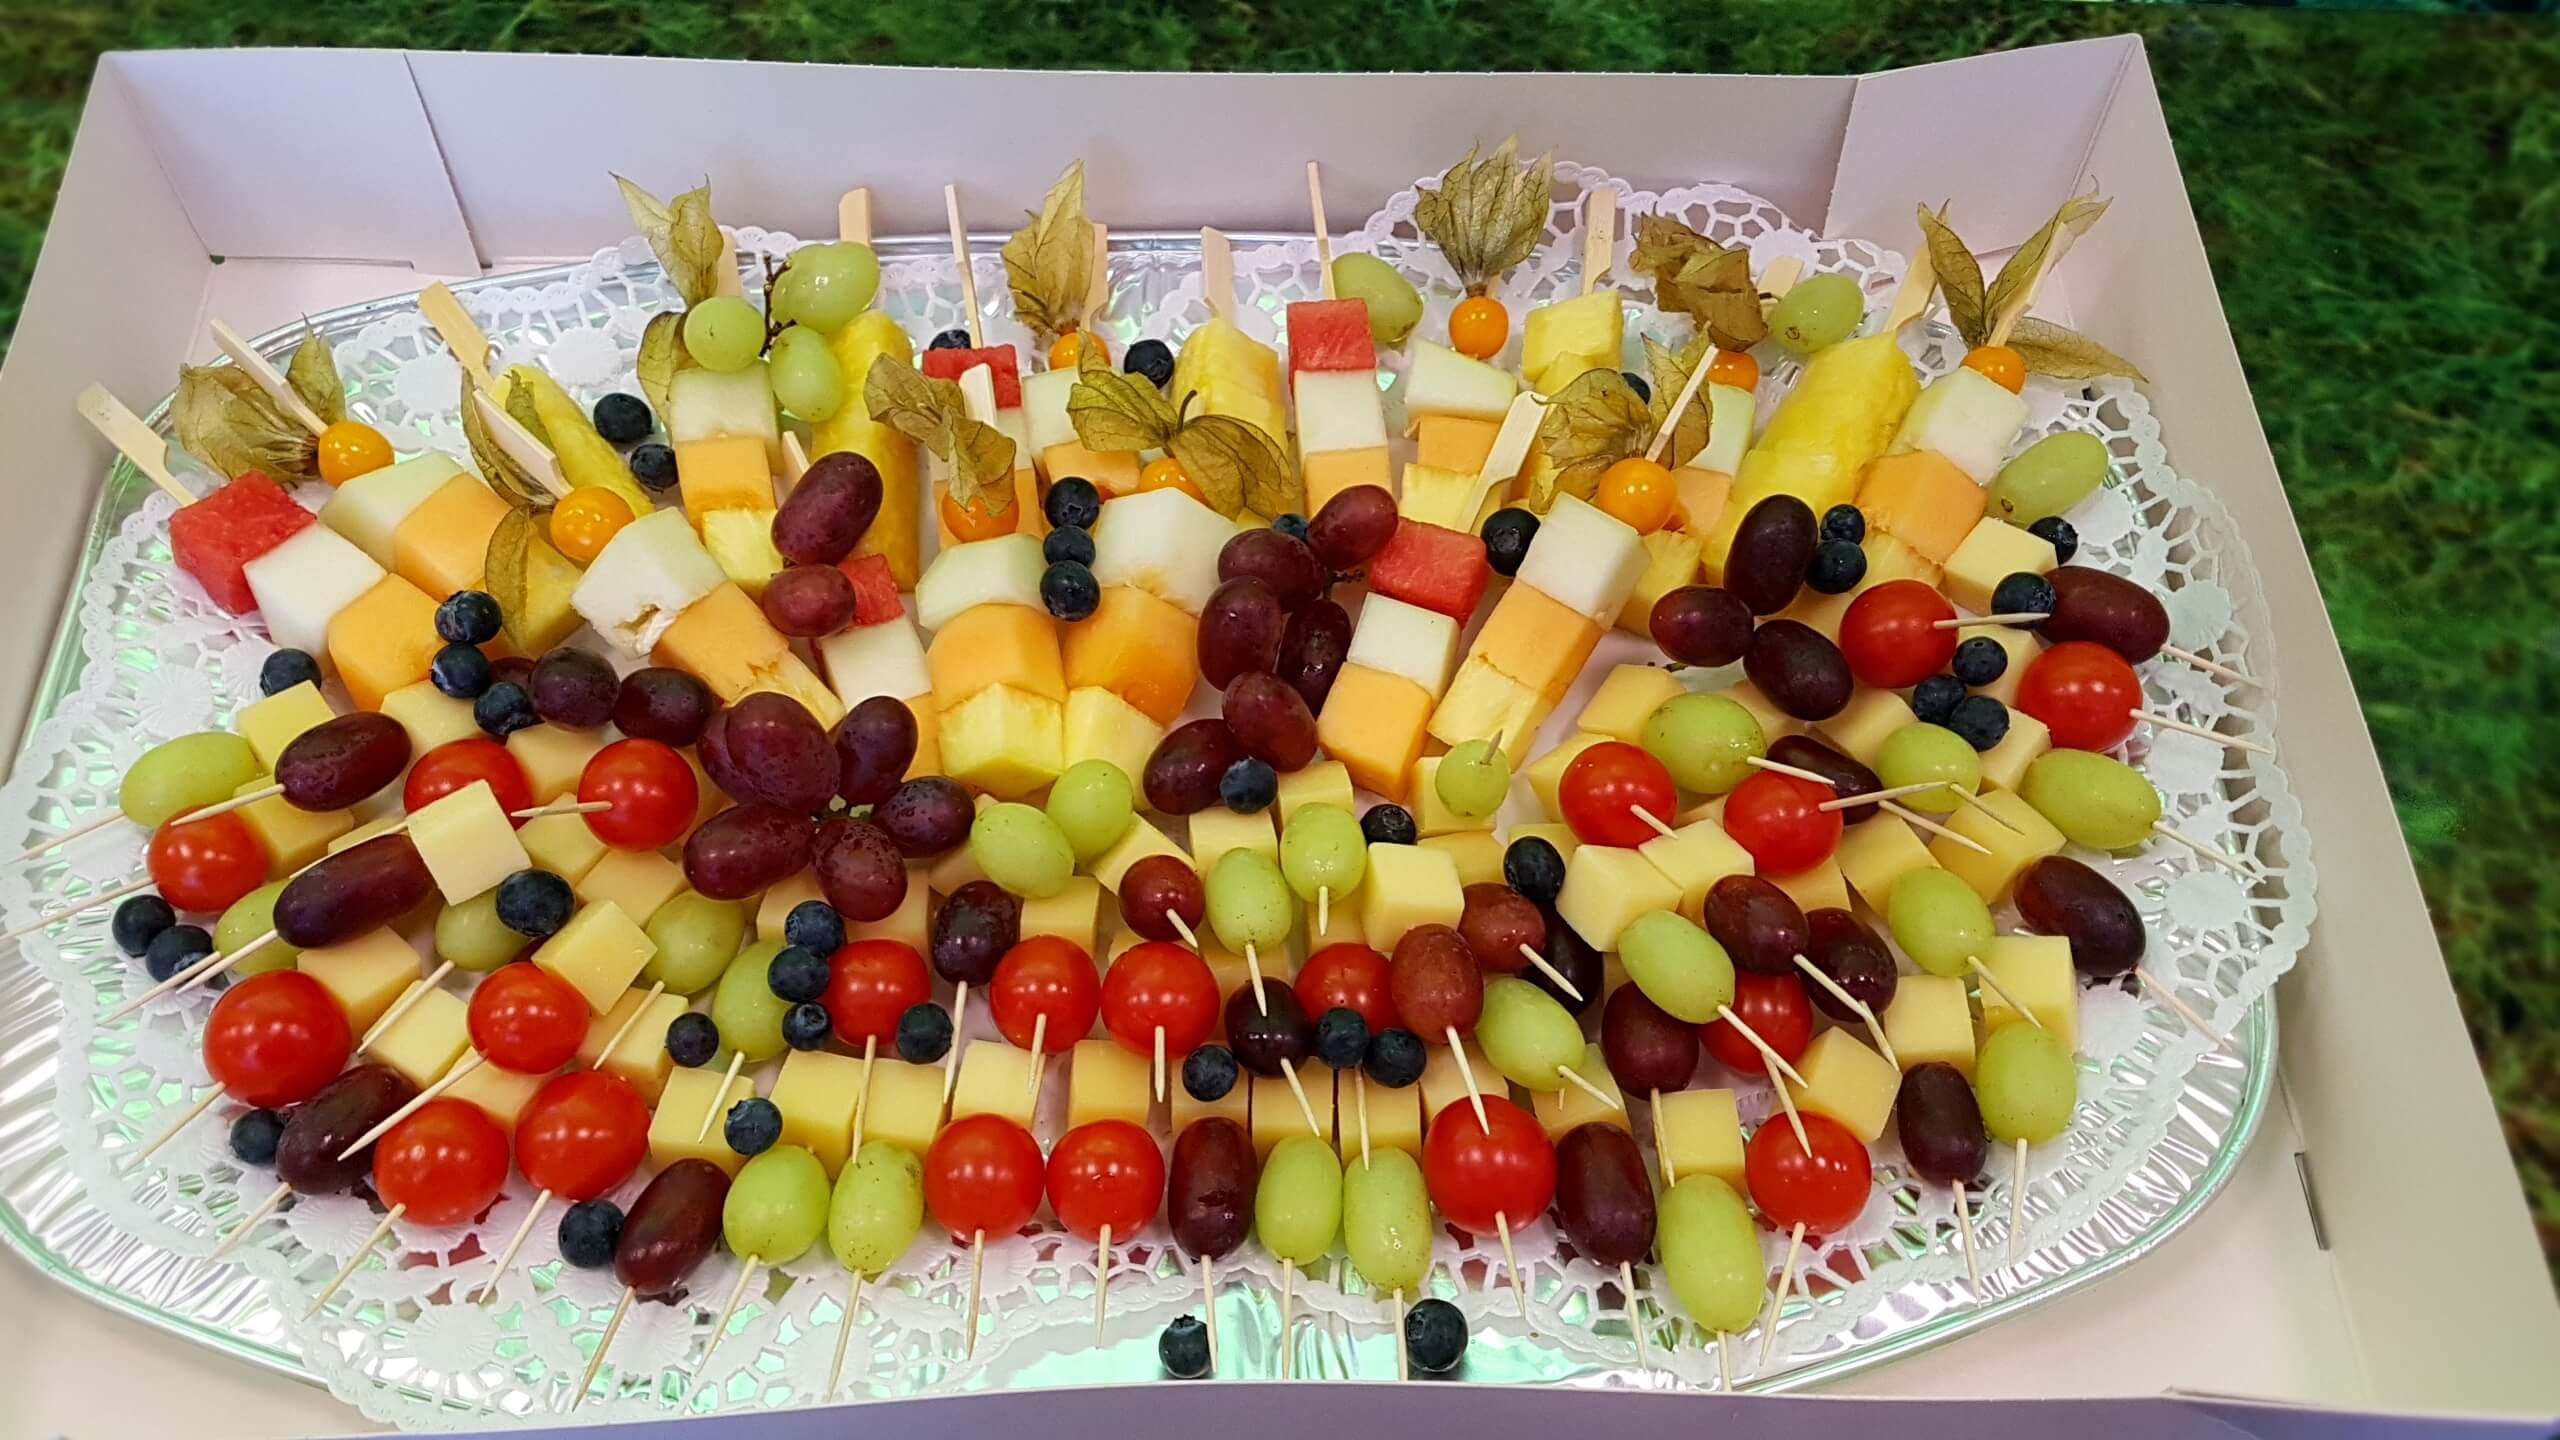 Obst- und Käseplatte